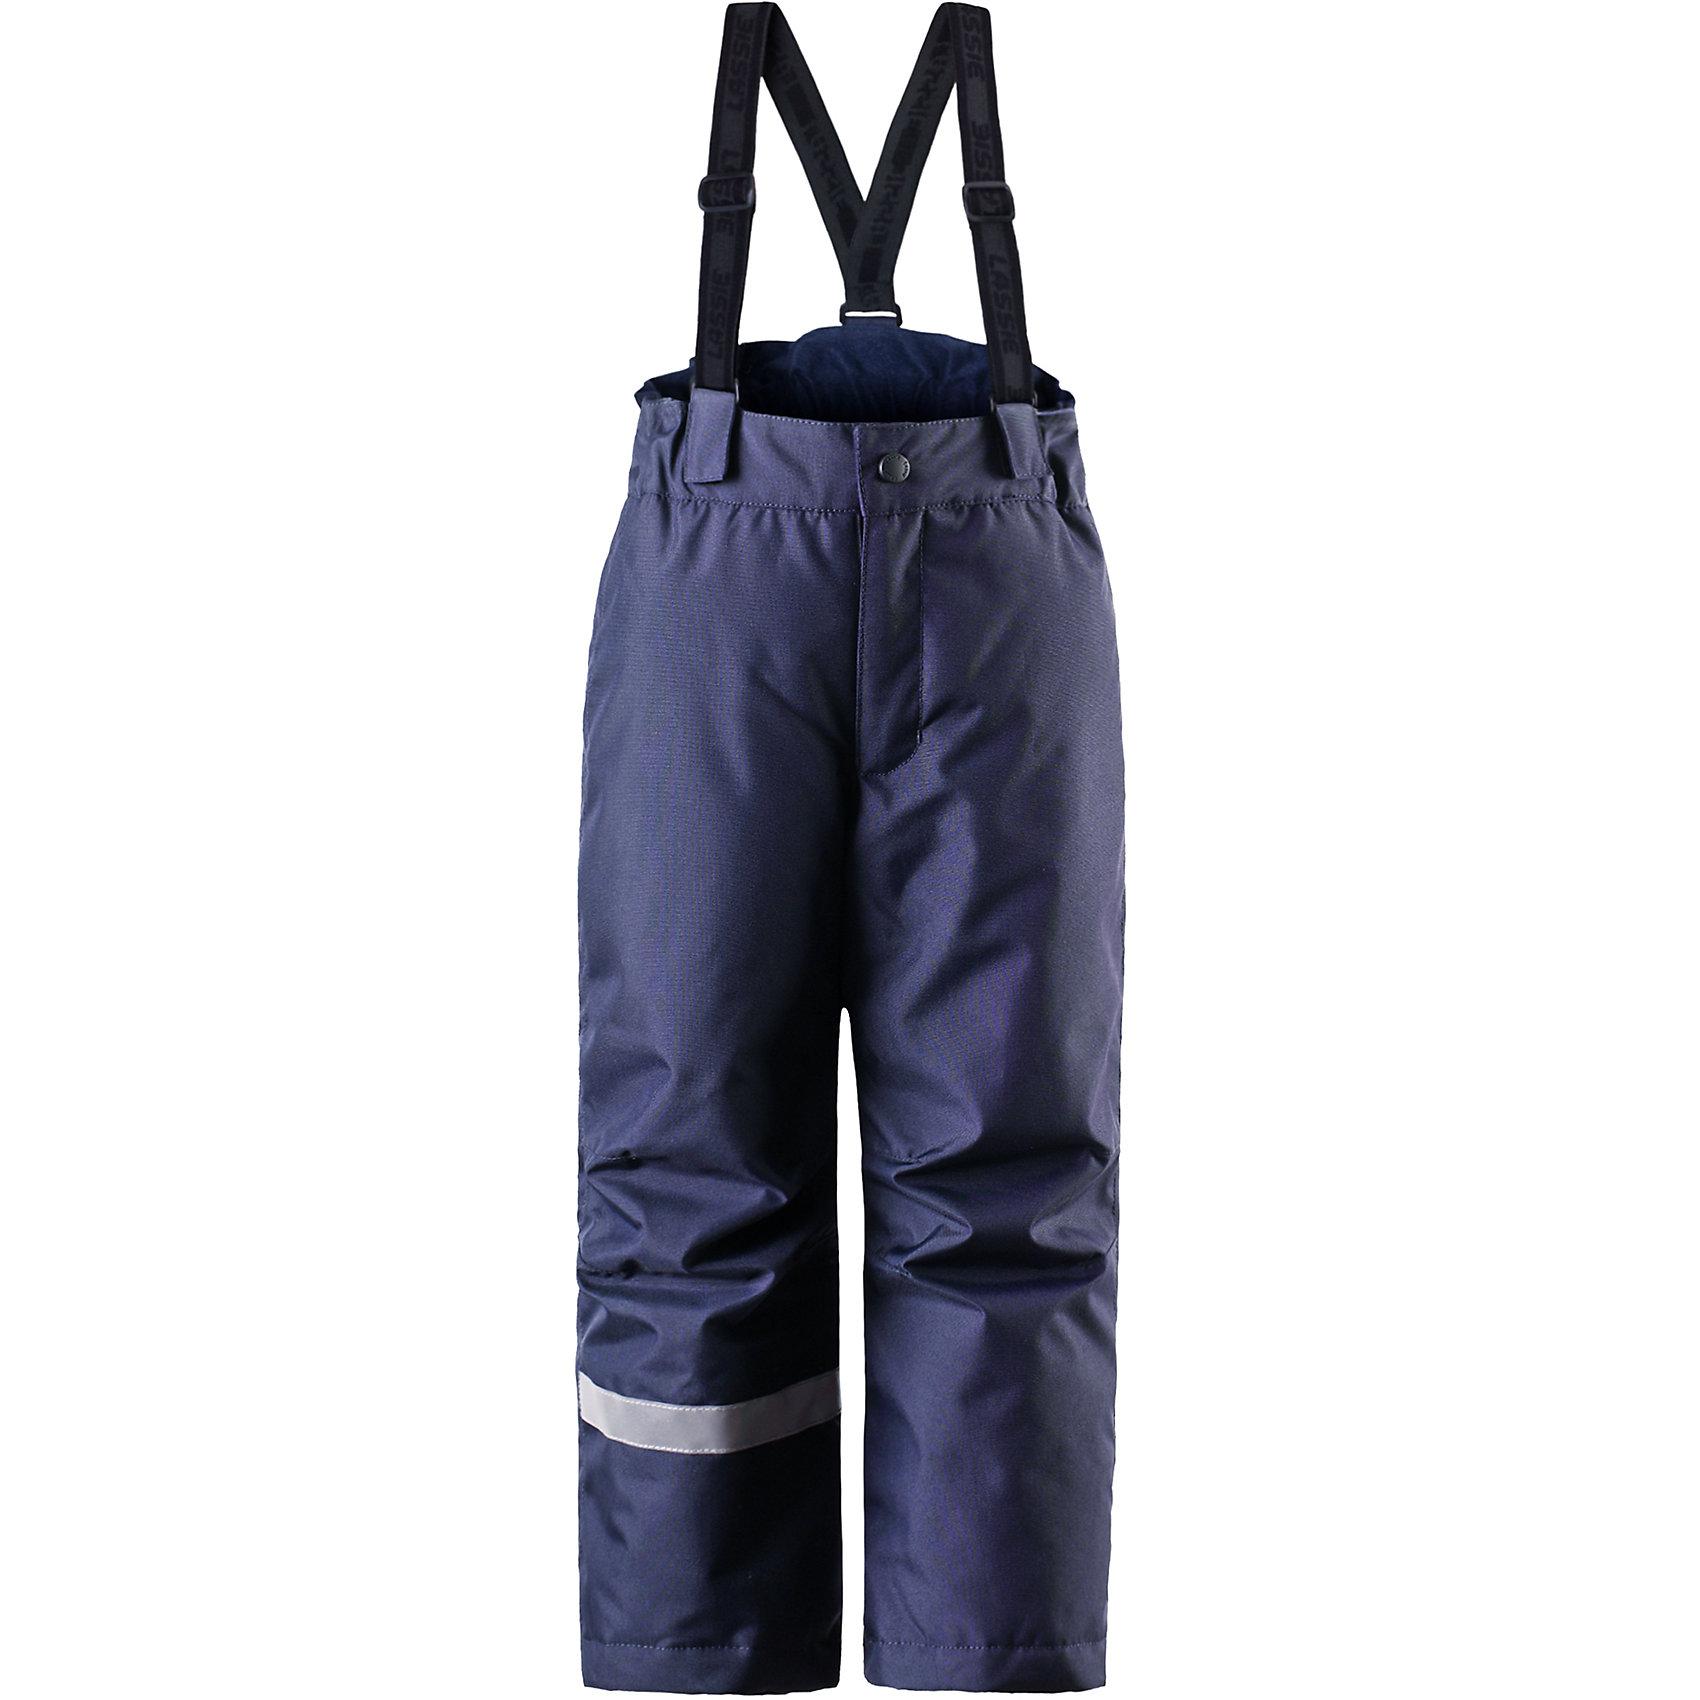 Брюки для мальчика LASSIEОдежда<br>Брюки для мальчика от финской марки LASSIE.<br>Зимние брюки для детей.Прочный материал.Водоотталкивающий, ветронепроницаемый, «дышащий» и грязеотталкивающий материал.Задний серединный шов проклеен,свободный крой.Гладкая подкладка из полиэстра.Легкая степень утепления.Эластичная талия.Снегозащитные манжеты на штанинах.Ширинка на молнии.Регулируемые и отстегивающиеся эластичные подтяжки<br>Рекомендации по уходу:Стирать по отдельности, вывернув наизнанку. Застегнуть молнии и липучки. Соблюдать температуру в соответствии с руководством по уходу. Стирать моющим средством, не содержащим отбеливающие вещества. Полоскать без специального средства. Сушение в сушильном шкафу разрешено при низкой температуре.<br>Вес утеплителя:100<br>Состав:<br>100% ПЭ, ПУ-покрытие<br><br>Ширина мм: 215<br>Глубина мм: 88<br>Высота мм: 191<br>Вес г: 336<br>Цвет: синий<br>Возраст от месяцев: 24<br>Возраст до месяцев: 36<br>Пол: Мужской<br>Возраст: Детский<br>Размер: 98,104,110,116,122,140,92<br>SKU: 5032749